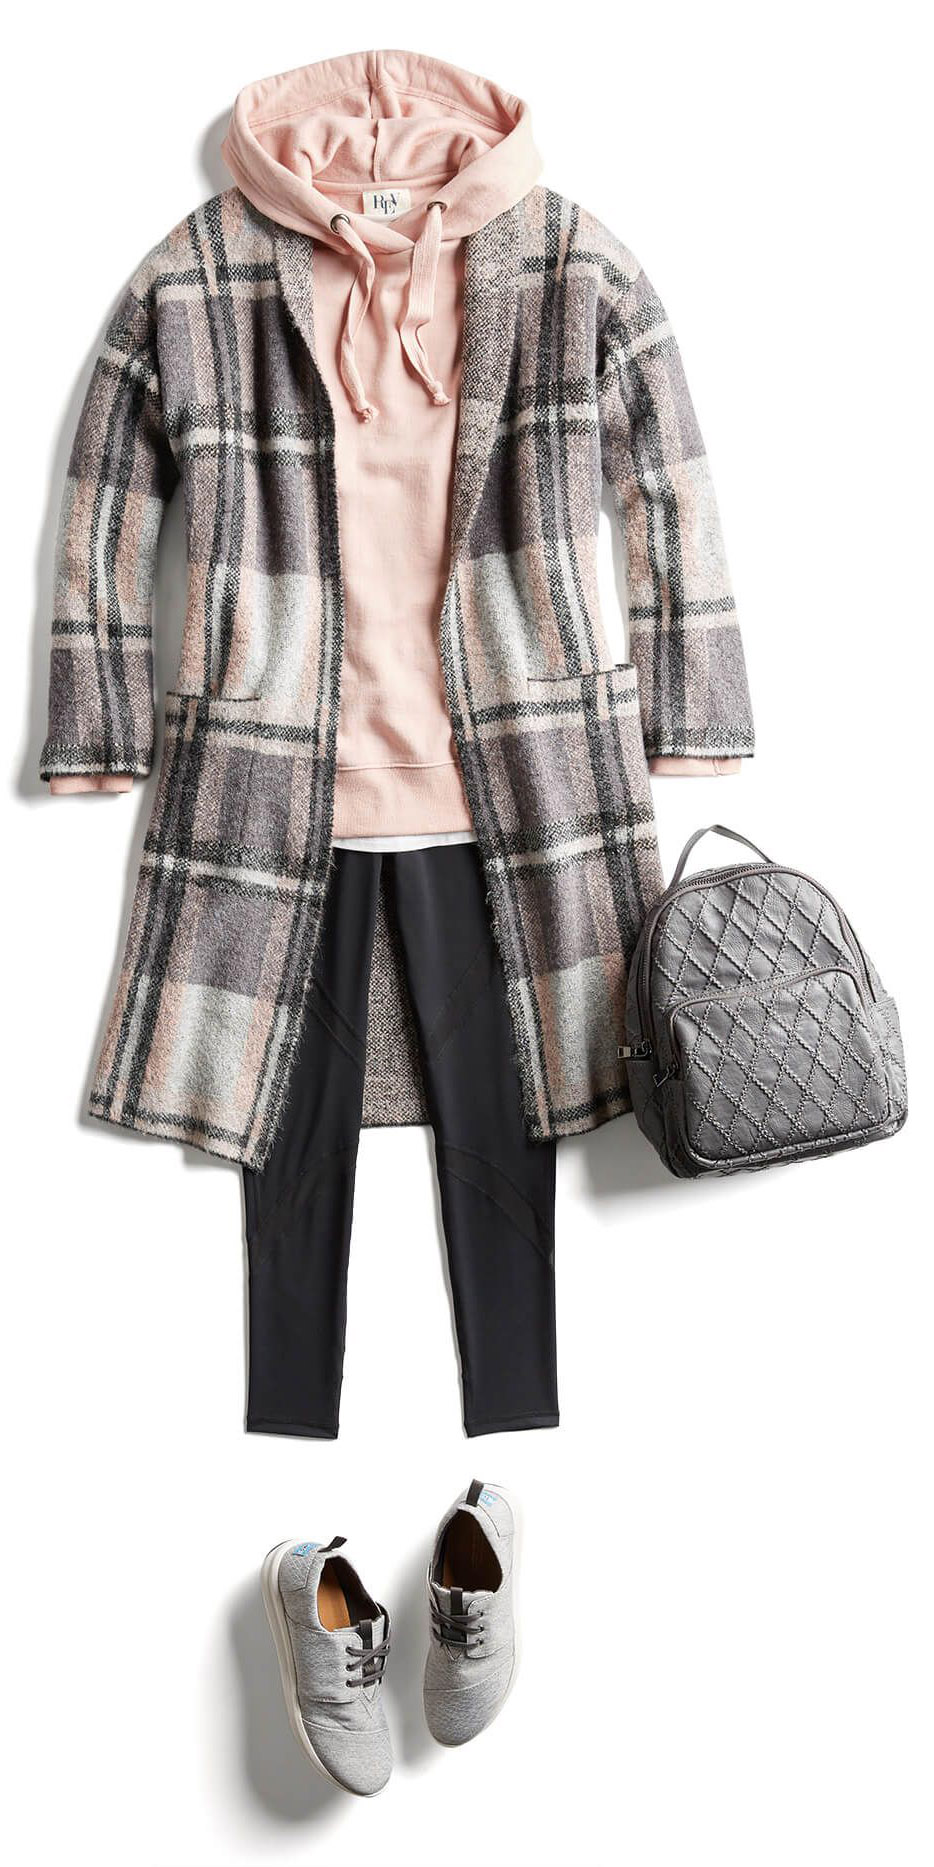 black-leggings-peach-sweater-sweatshirt-hoodie-gray-bag-pack-gray-shoe-sneakers-grayl-jacket-coat-fall-winter-plaid-weekend.jpg